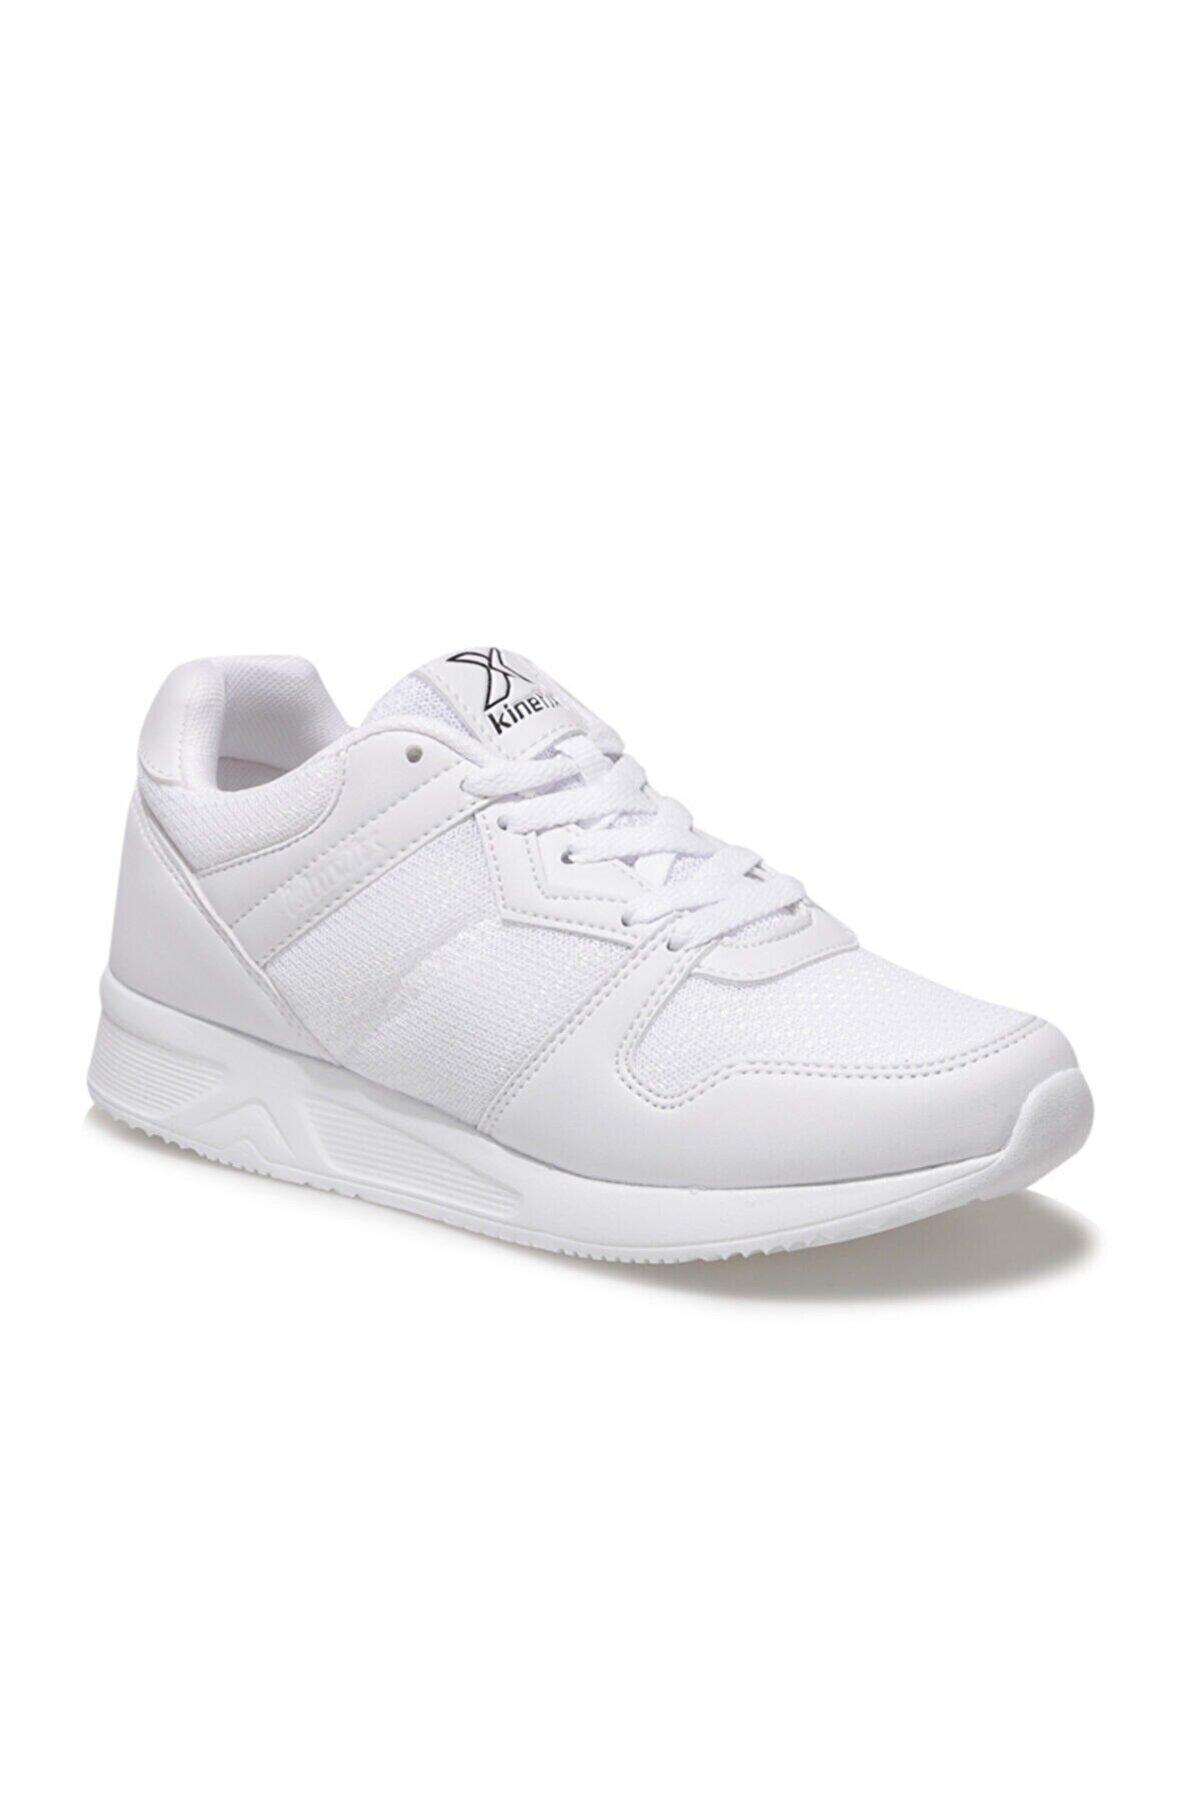 Kinetix Sagel W 1fx Beyaz Kadın Sneaker